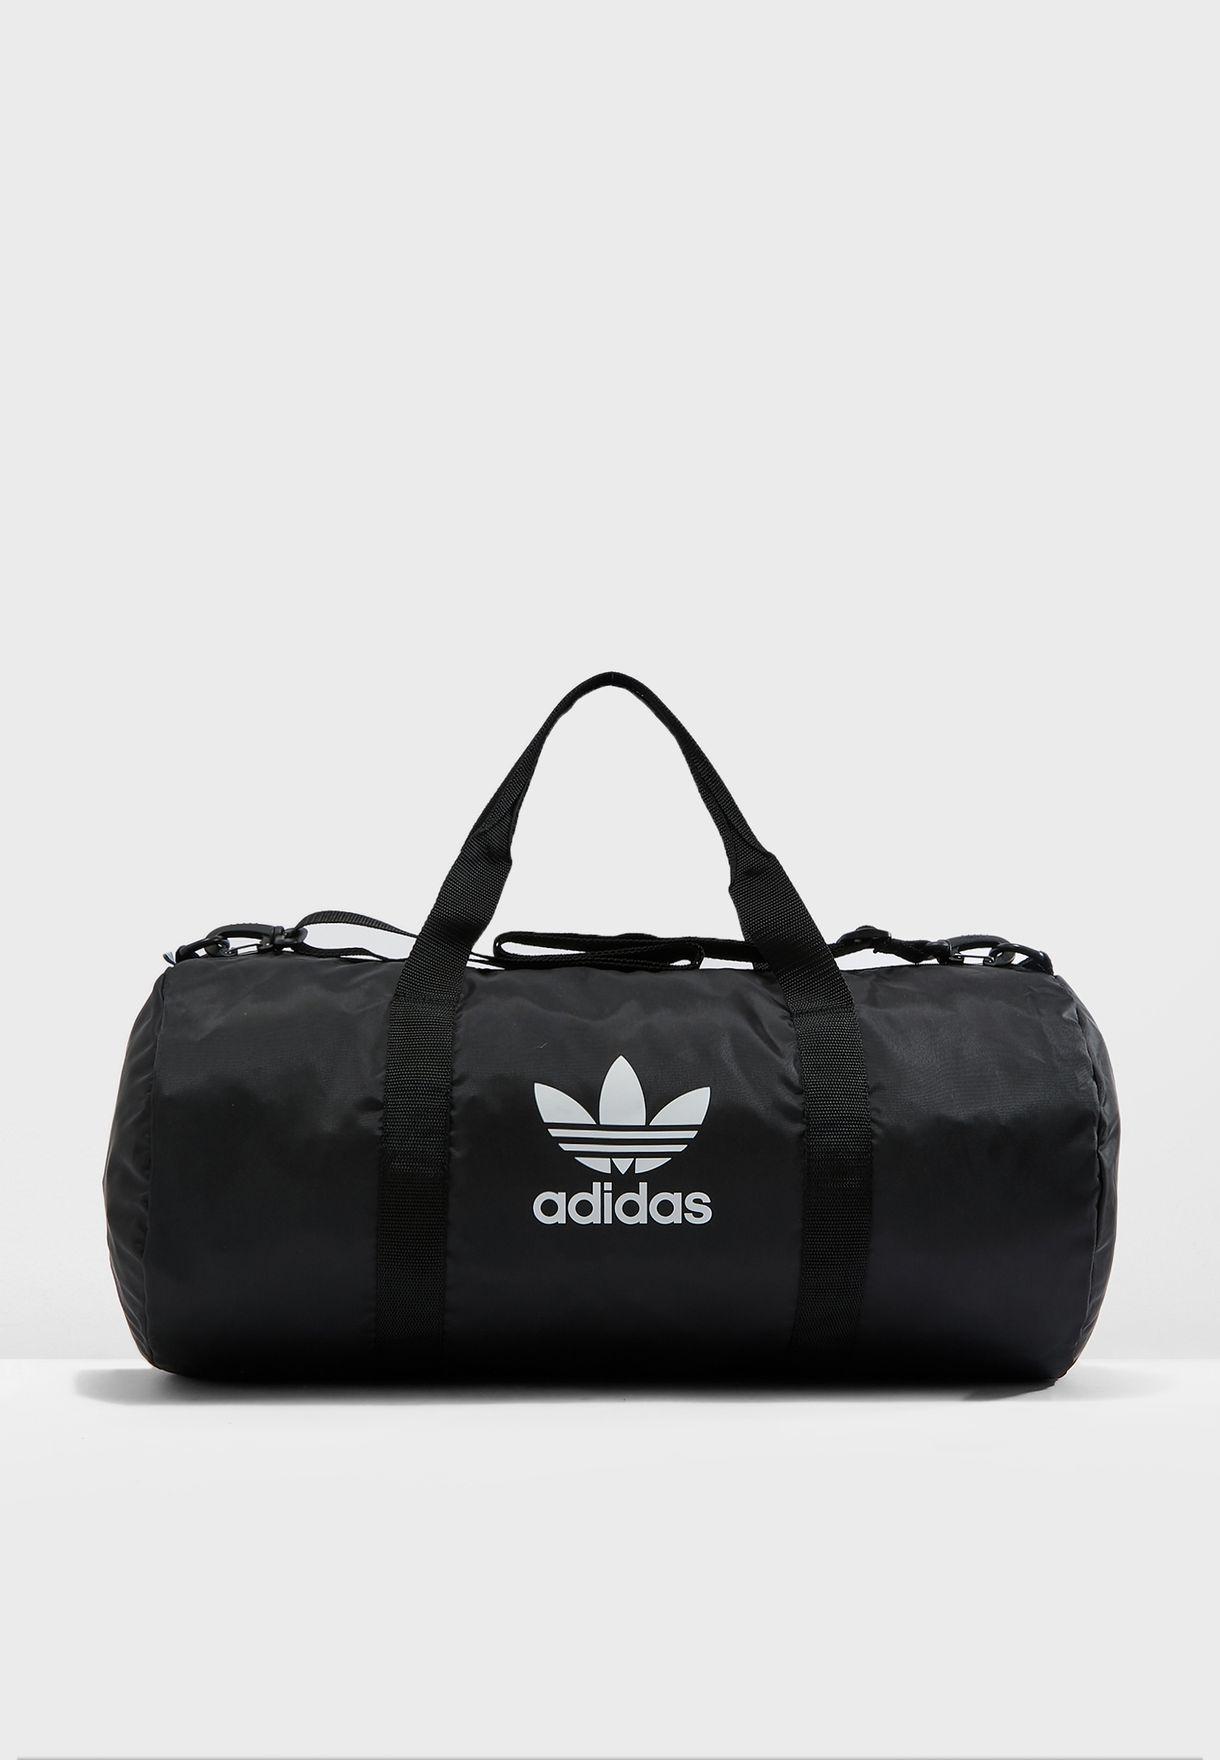 72d36b557b1b4 Shop adidas Originals black adicolor Duffel Bag ED7392 for Men in ...